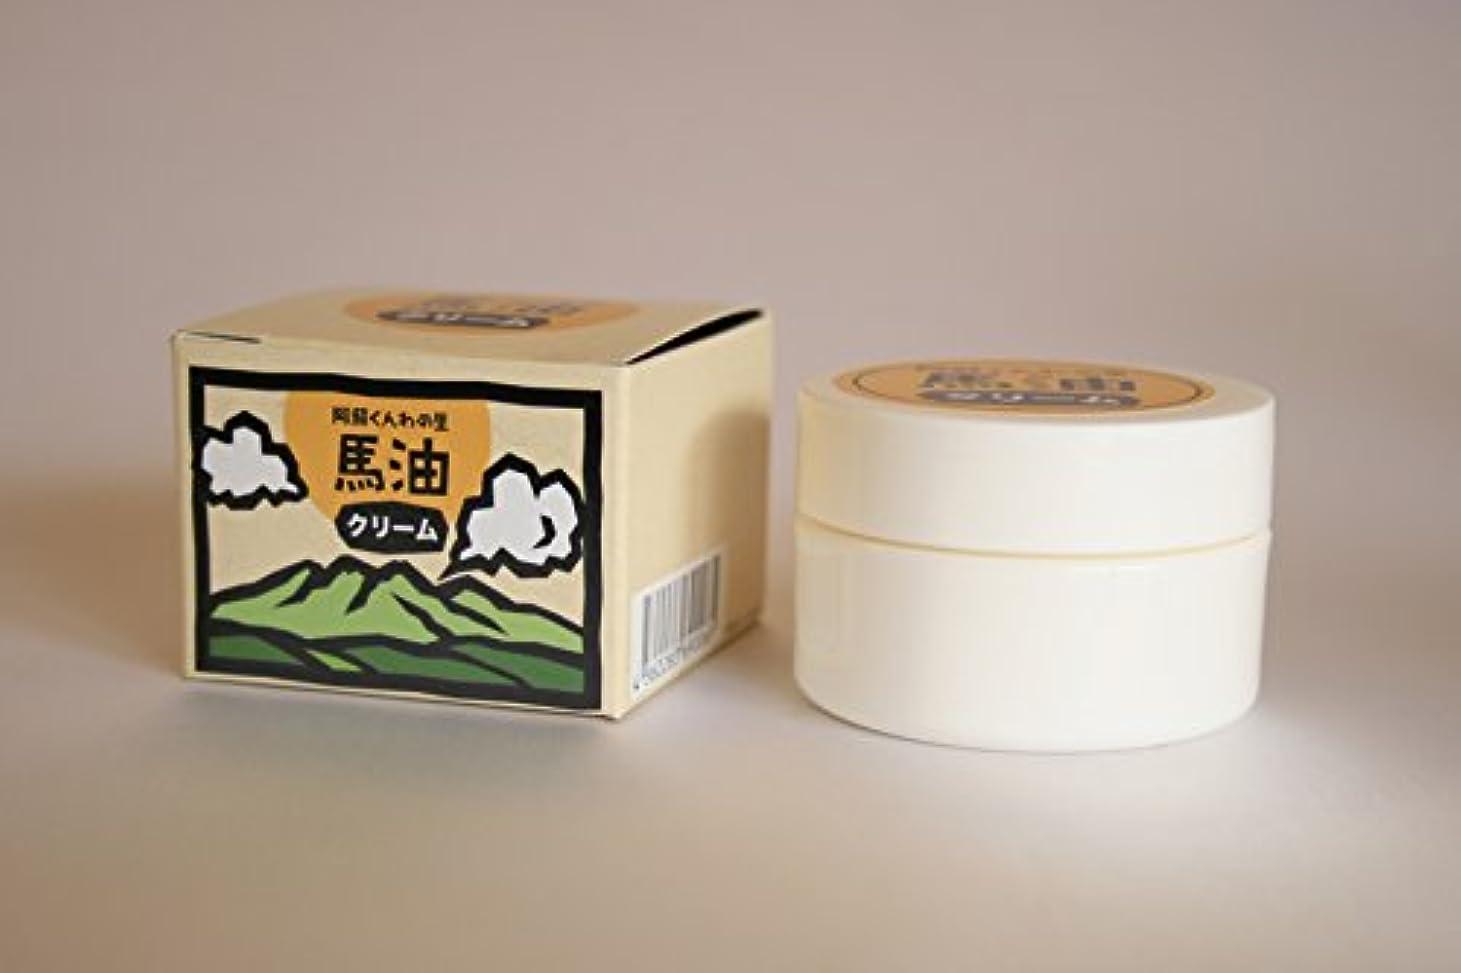 付き添い人ビタミンケープかかと肌荒れ防止 馬油クリーム30g6個セット